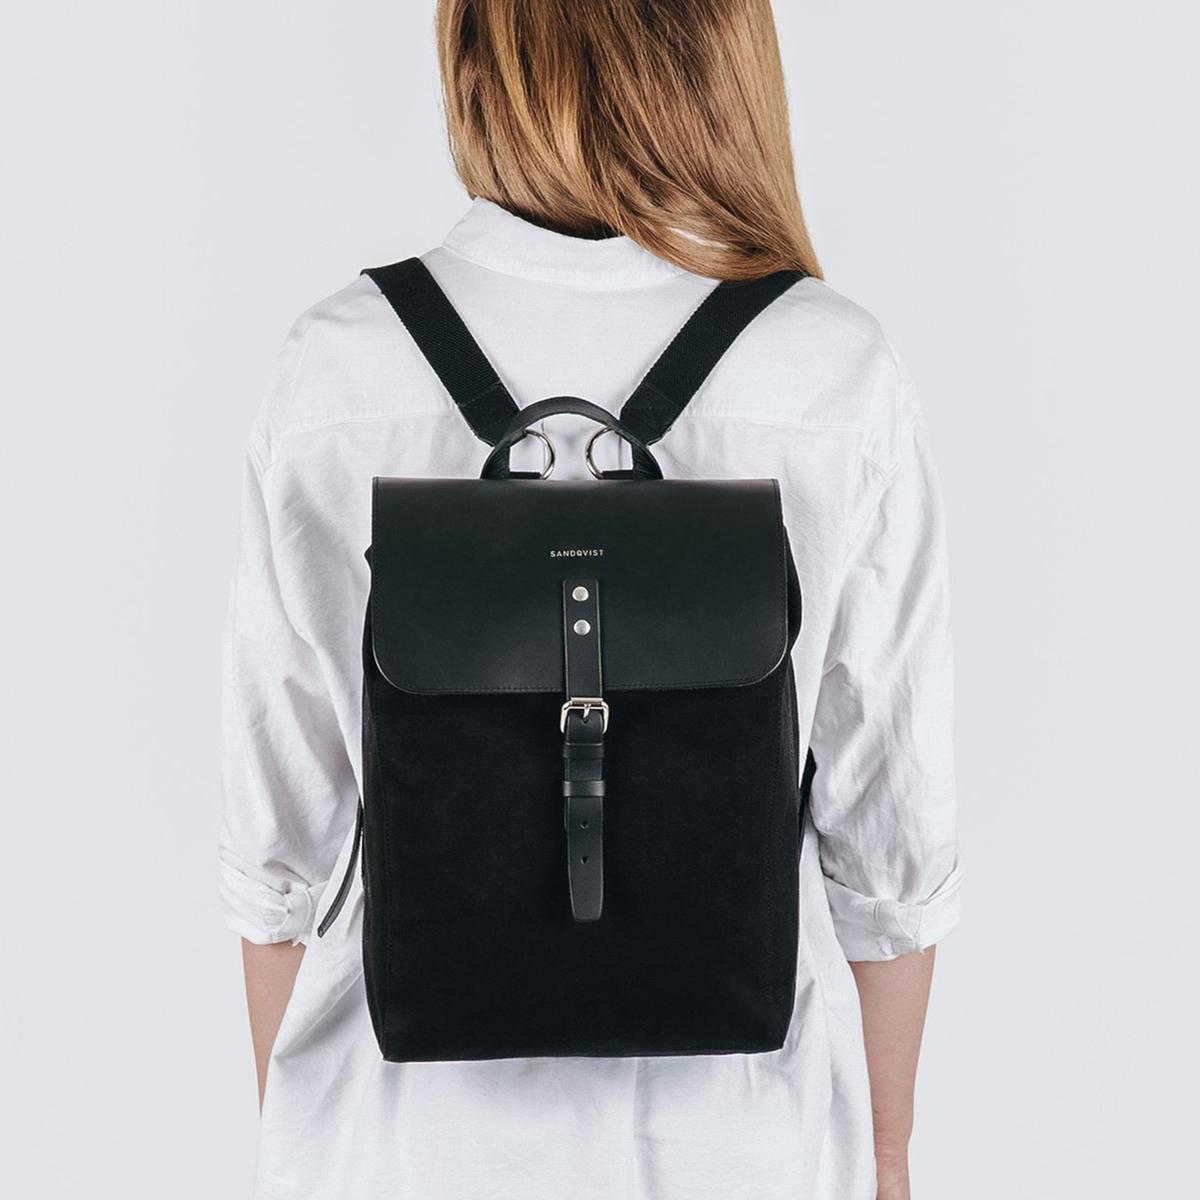 Рюкзак из двух материалов ALVAОписание:Рюкзак SANDQVIST - модель ALVA. Этот рюкзак подойдет к любому стилю одежды  ! Клапан с ремешком и 2 регулируемые лямки для переноски на спине .Детали •  1 ручка для переноски в руке  •  Регулируемые лямки для переноски на спине •  Металлический ремешок  •  Клапан спереди Состав и уход •  100% хлопок •  Детали 100% кожа  •  Подкладка 100% вторично переработанный полиэстер  •  Следуйте инструкции по уходу, указанной на этикетке.<br><br>Цвет: черный